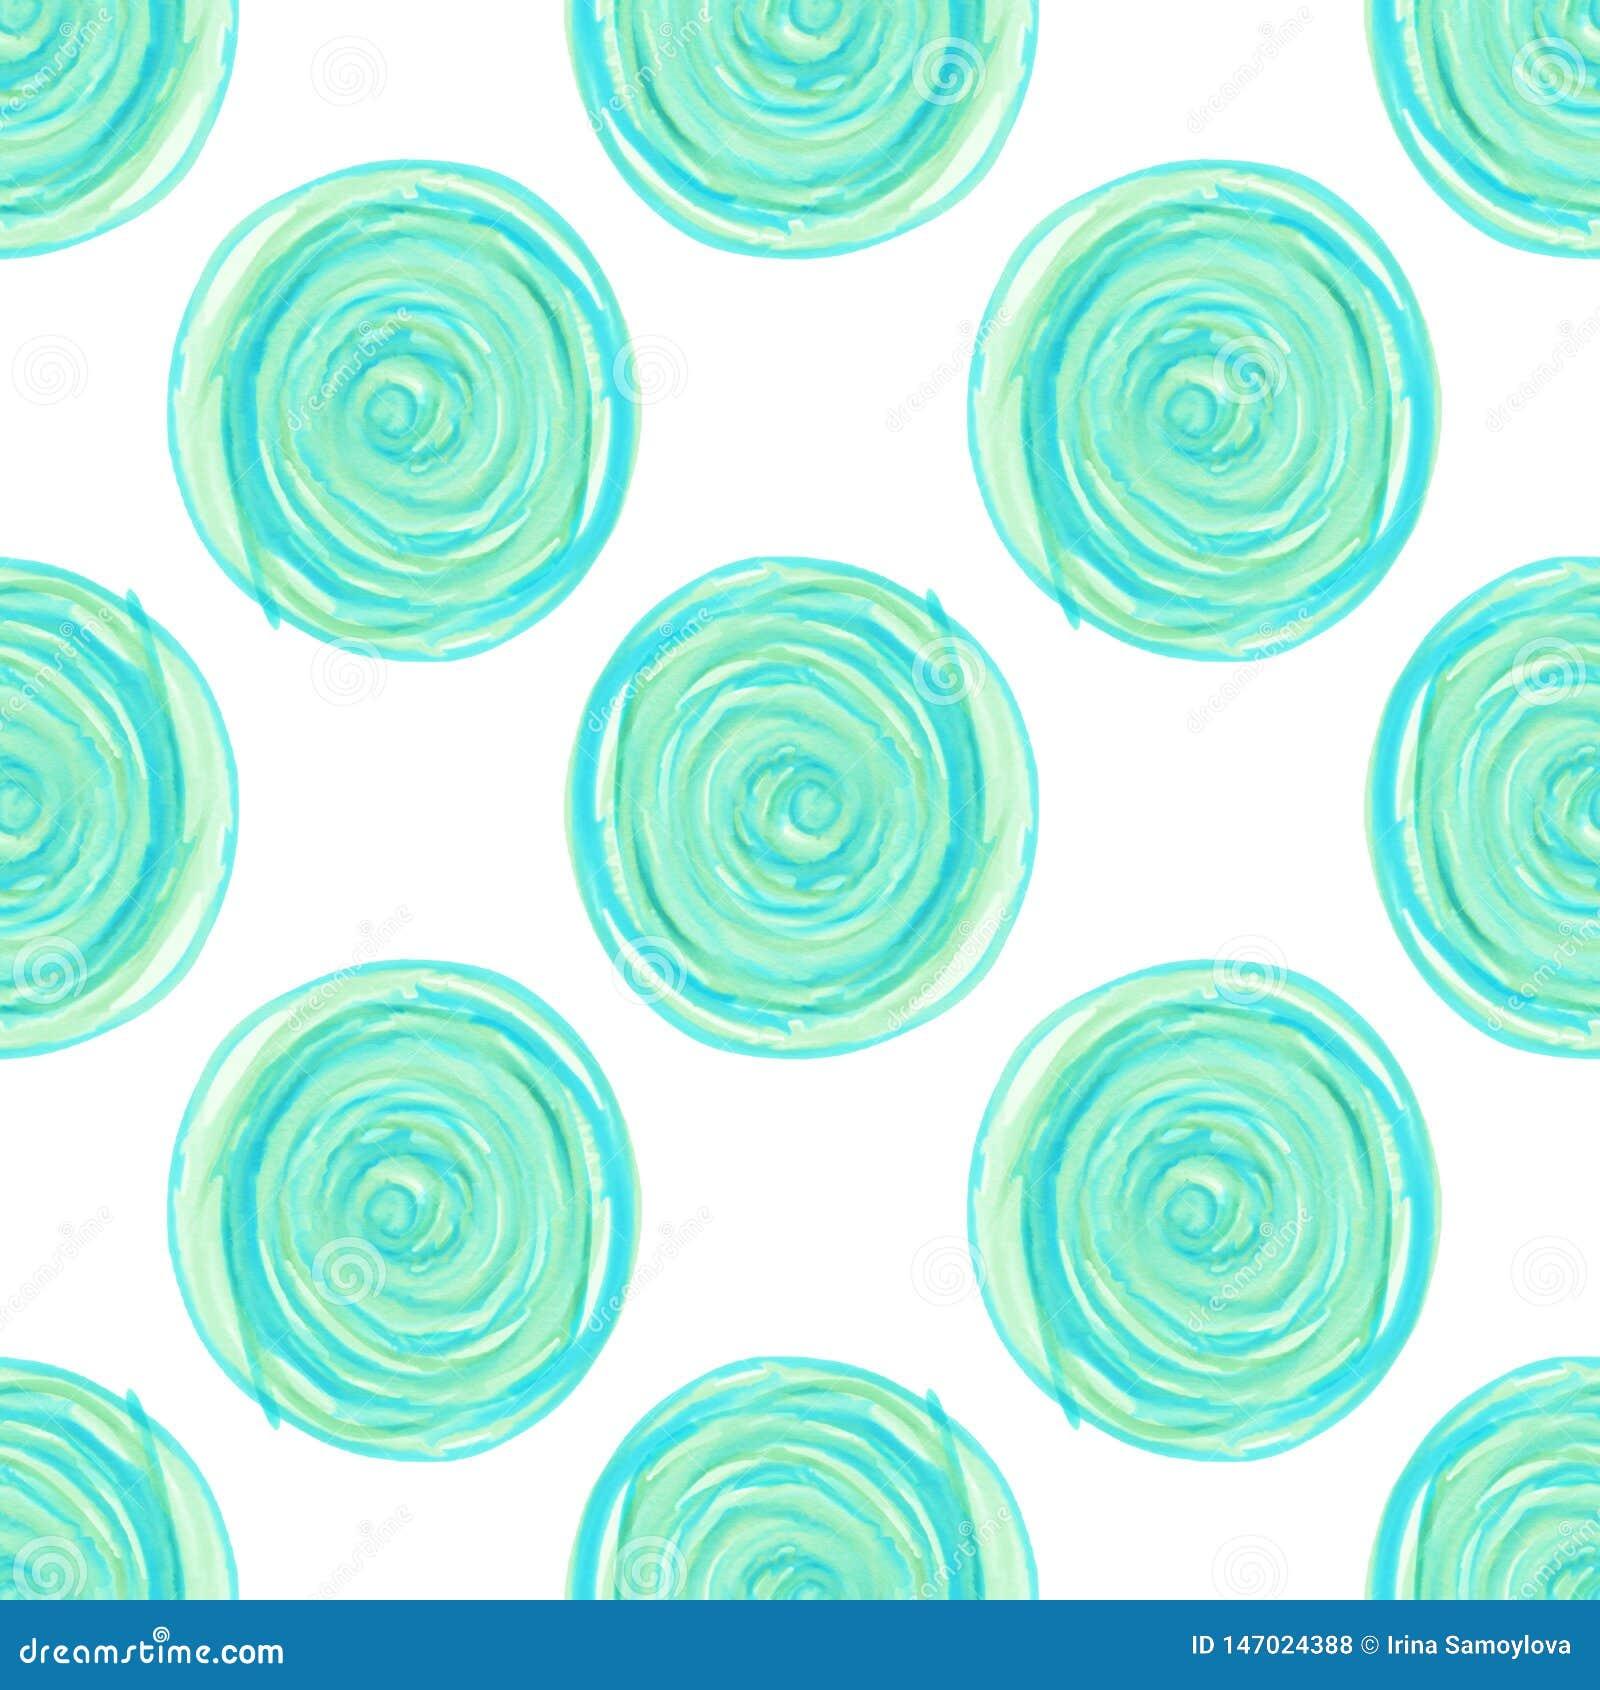 Les cercles numériques se développent en spirales modèle sans couture bleu sur le fond blanc